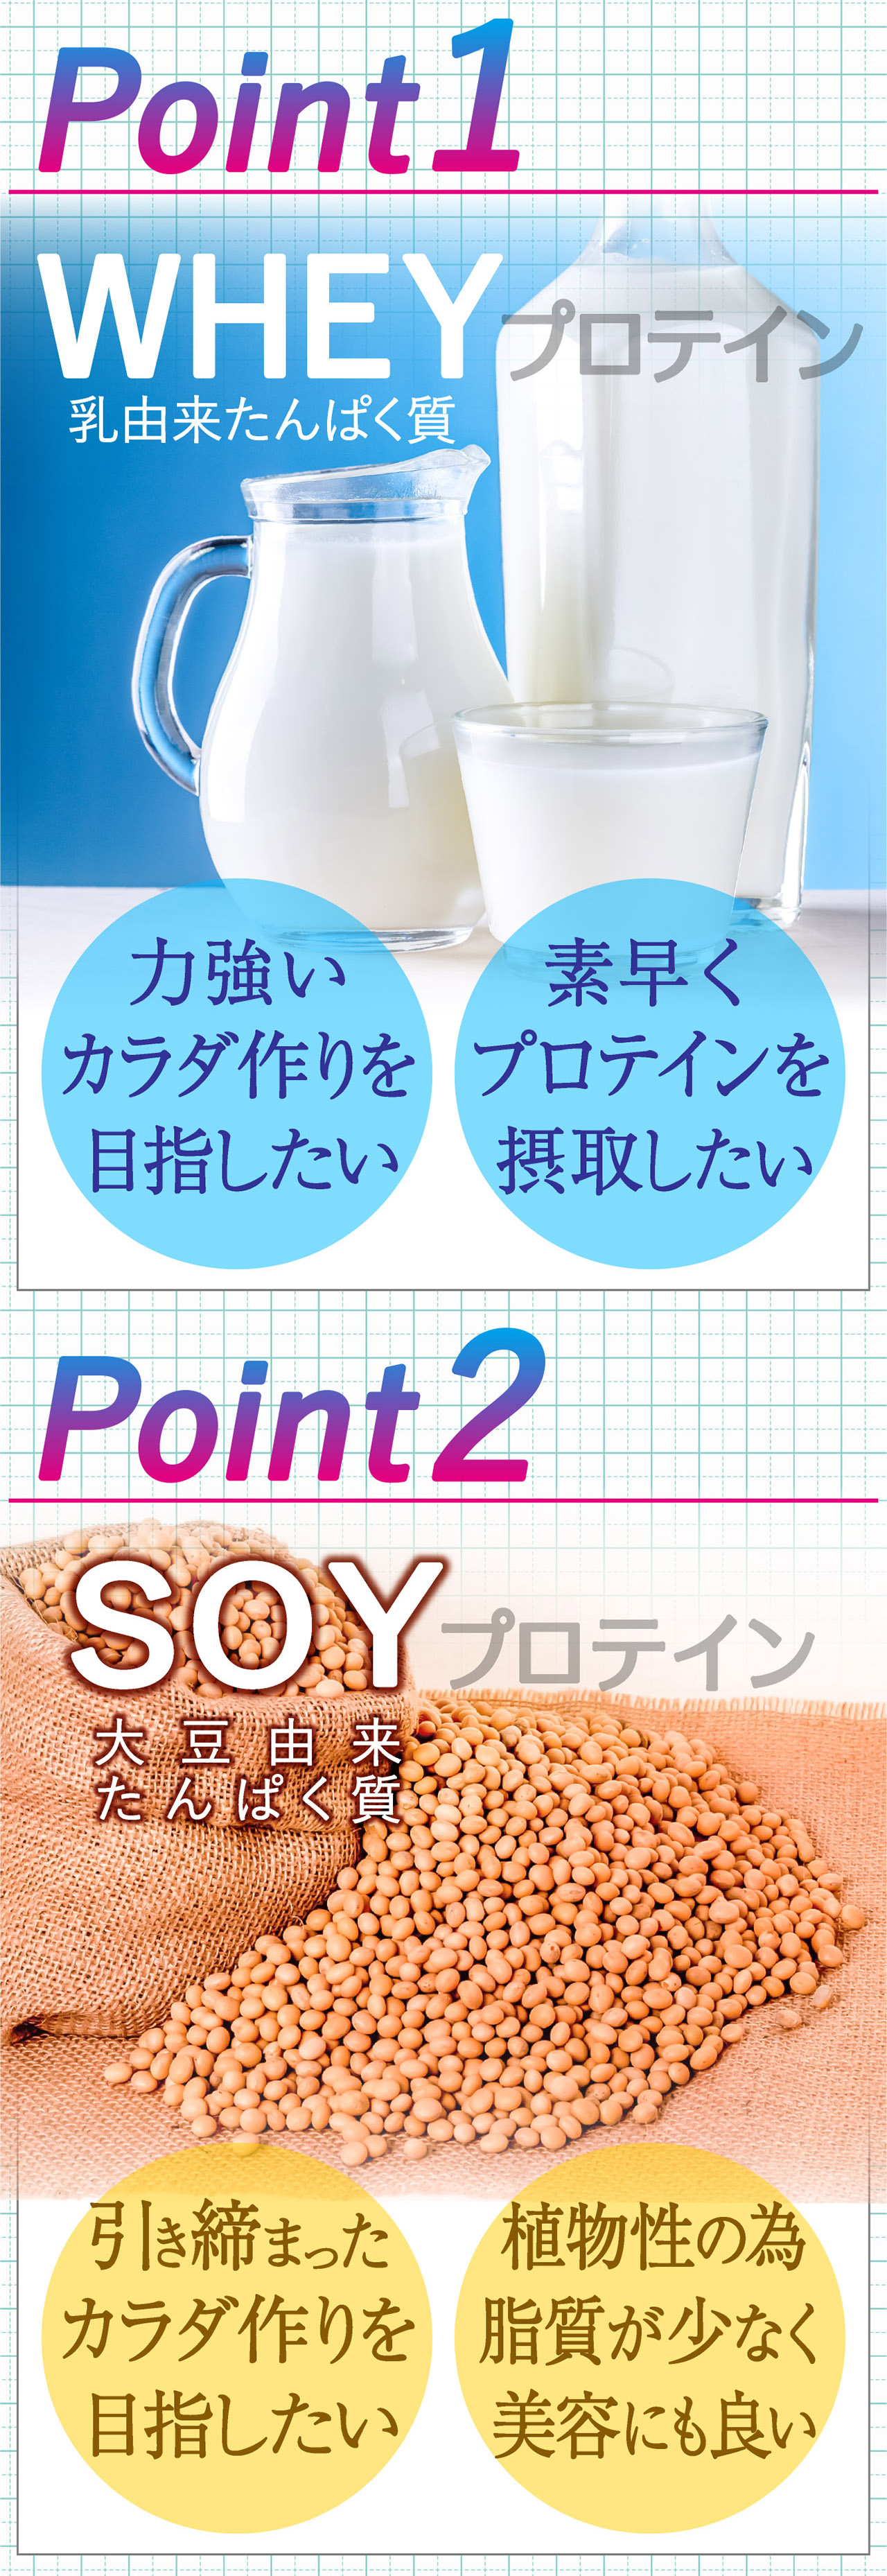 Point1 WHEY プロテイン 乳由来たんぱく質 力強いカラダ作りを 目指したい 素早く プロテインを摂取したい Point2 SOY プロテイン 大豆由来たんぱく質 引き締まった カラダ作りを 目指したい 植物性の為 脂質が少なく 美容にも良い